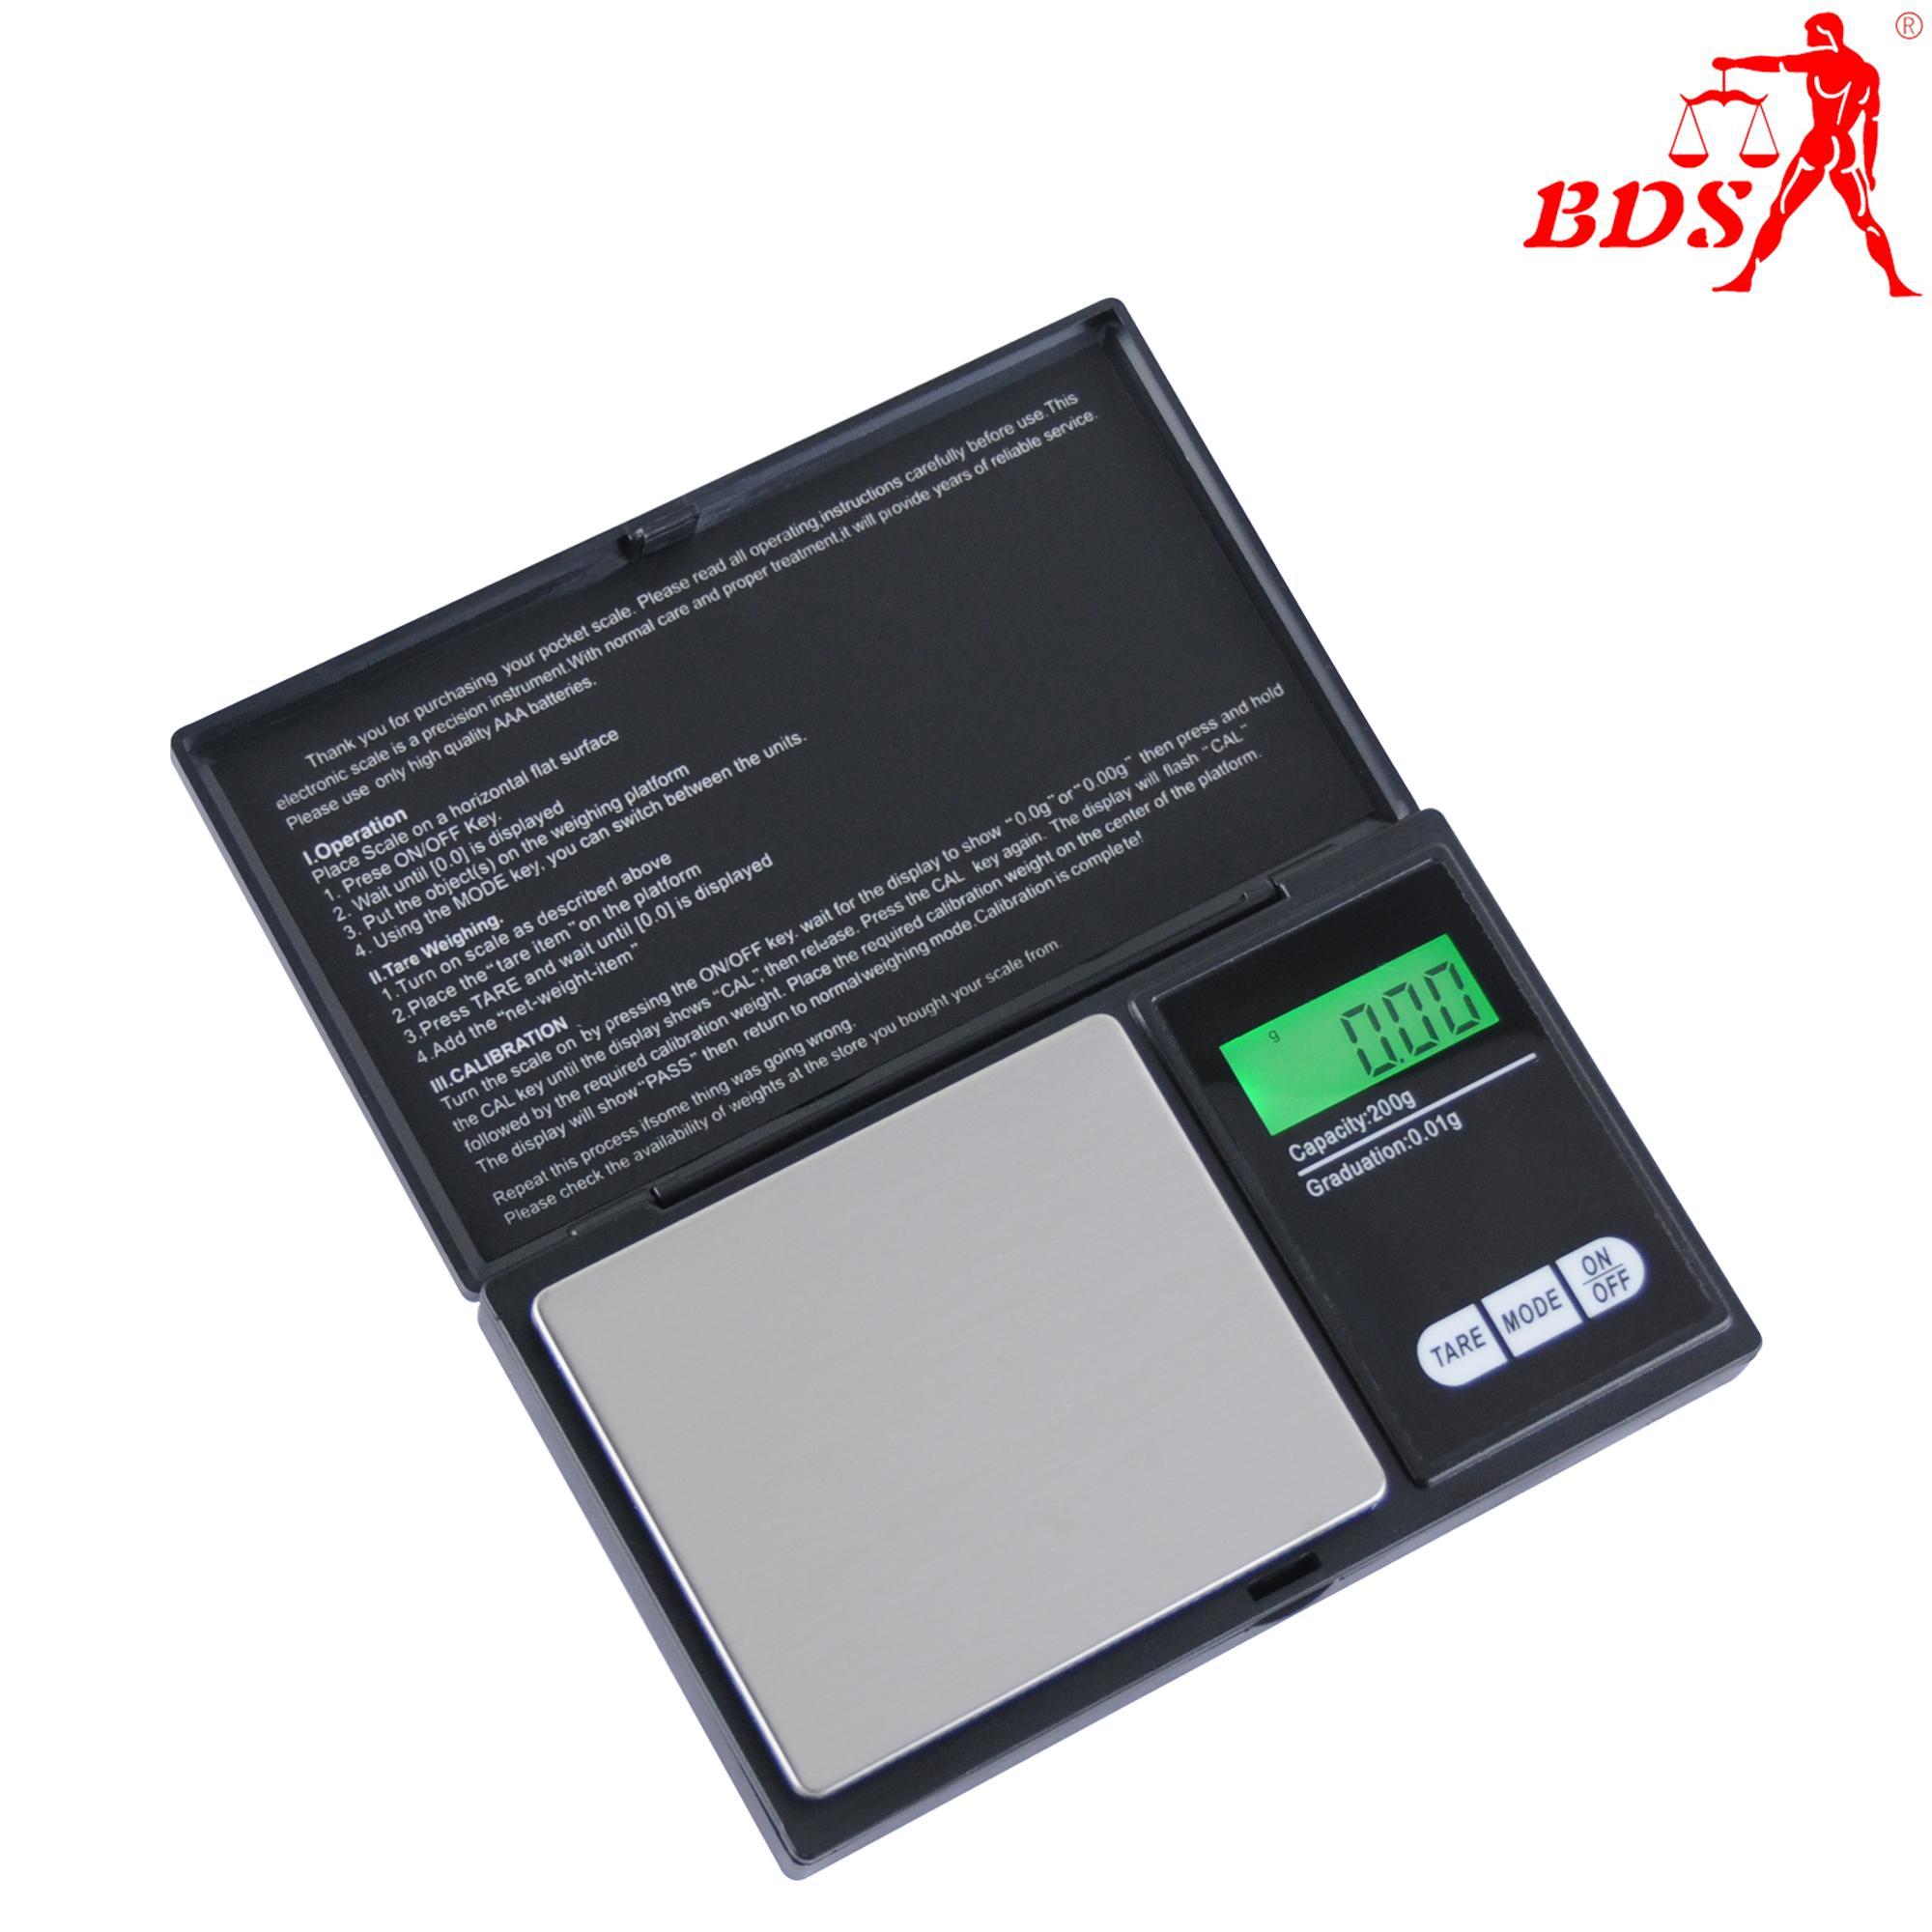 中國衡器電子口袋秤,手掌秤,珠寶秤,迷你秤北斗星衡器生產廠家 3